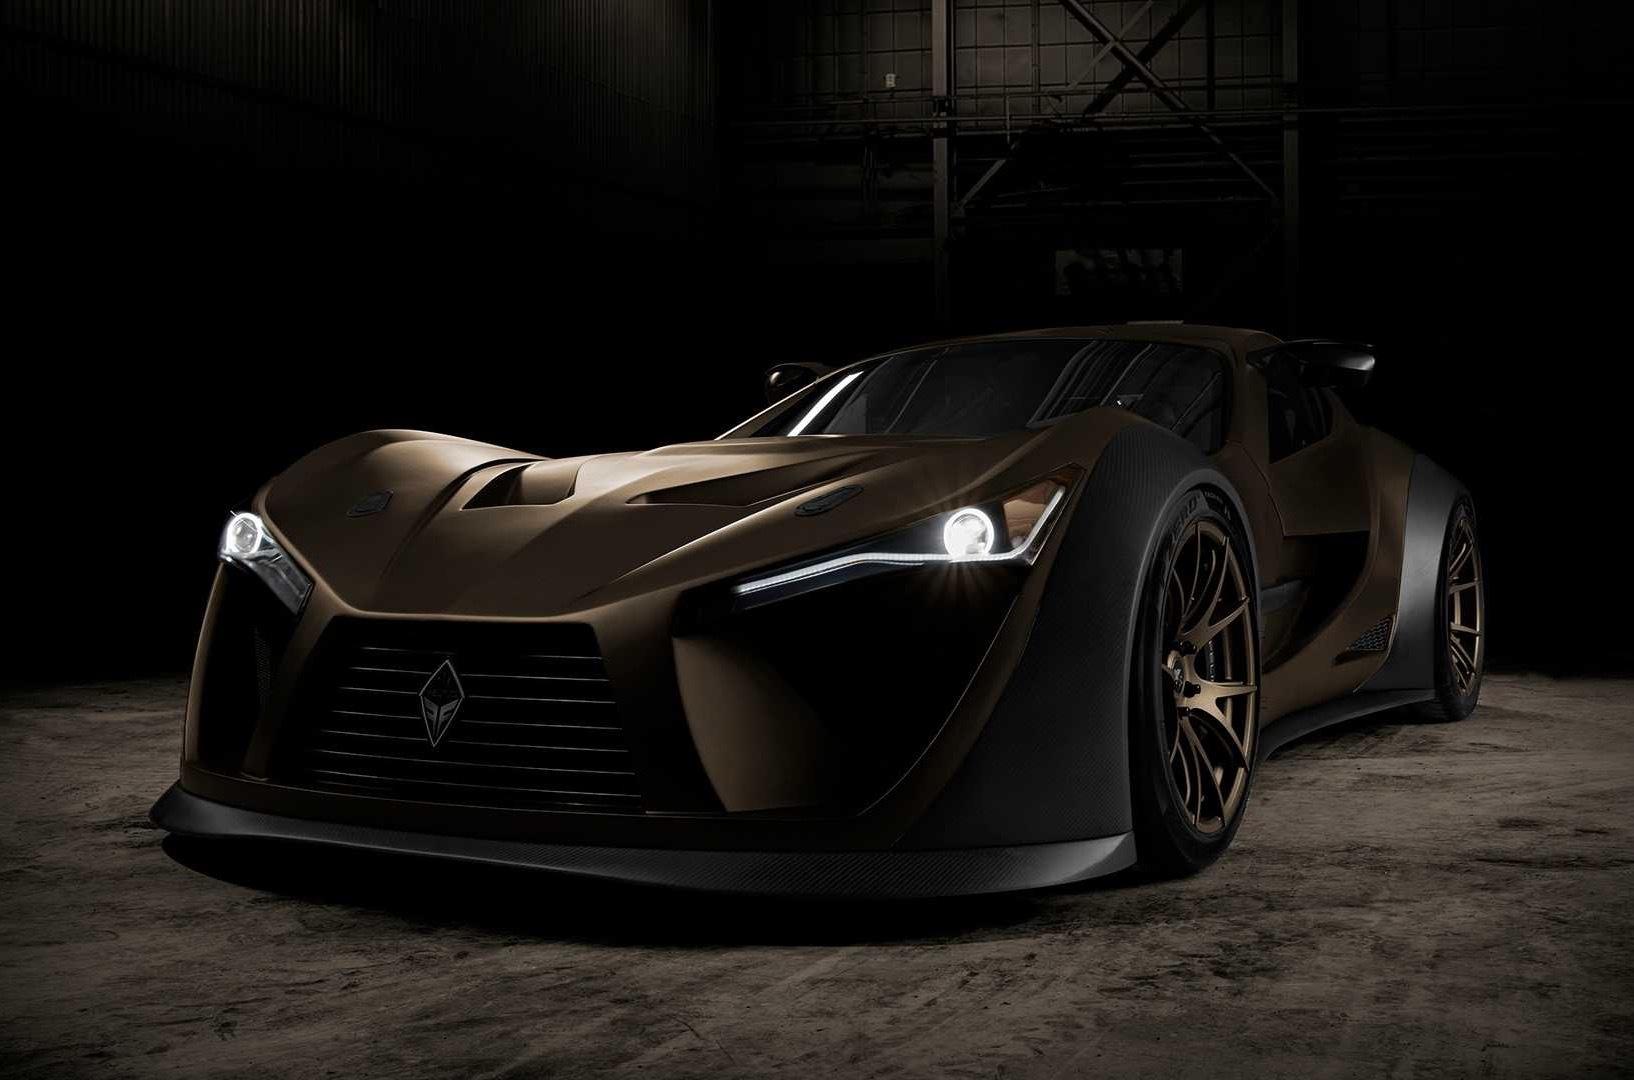 Канадская компания Felino представит на автосалоне в Канаде cB7R – дорожный суперкар, для которого доступен 7,0-литровый двигатель. Всего таких на рынок выйдет 10 штук по цене от 360 000 канадских долларов.